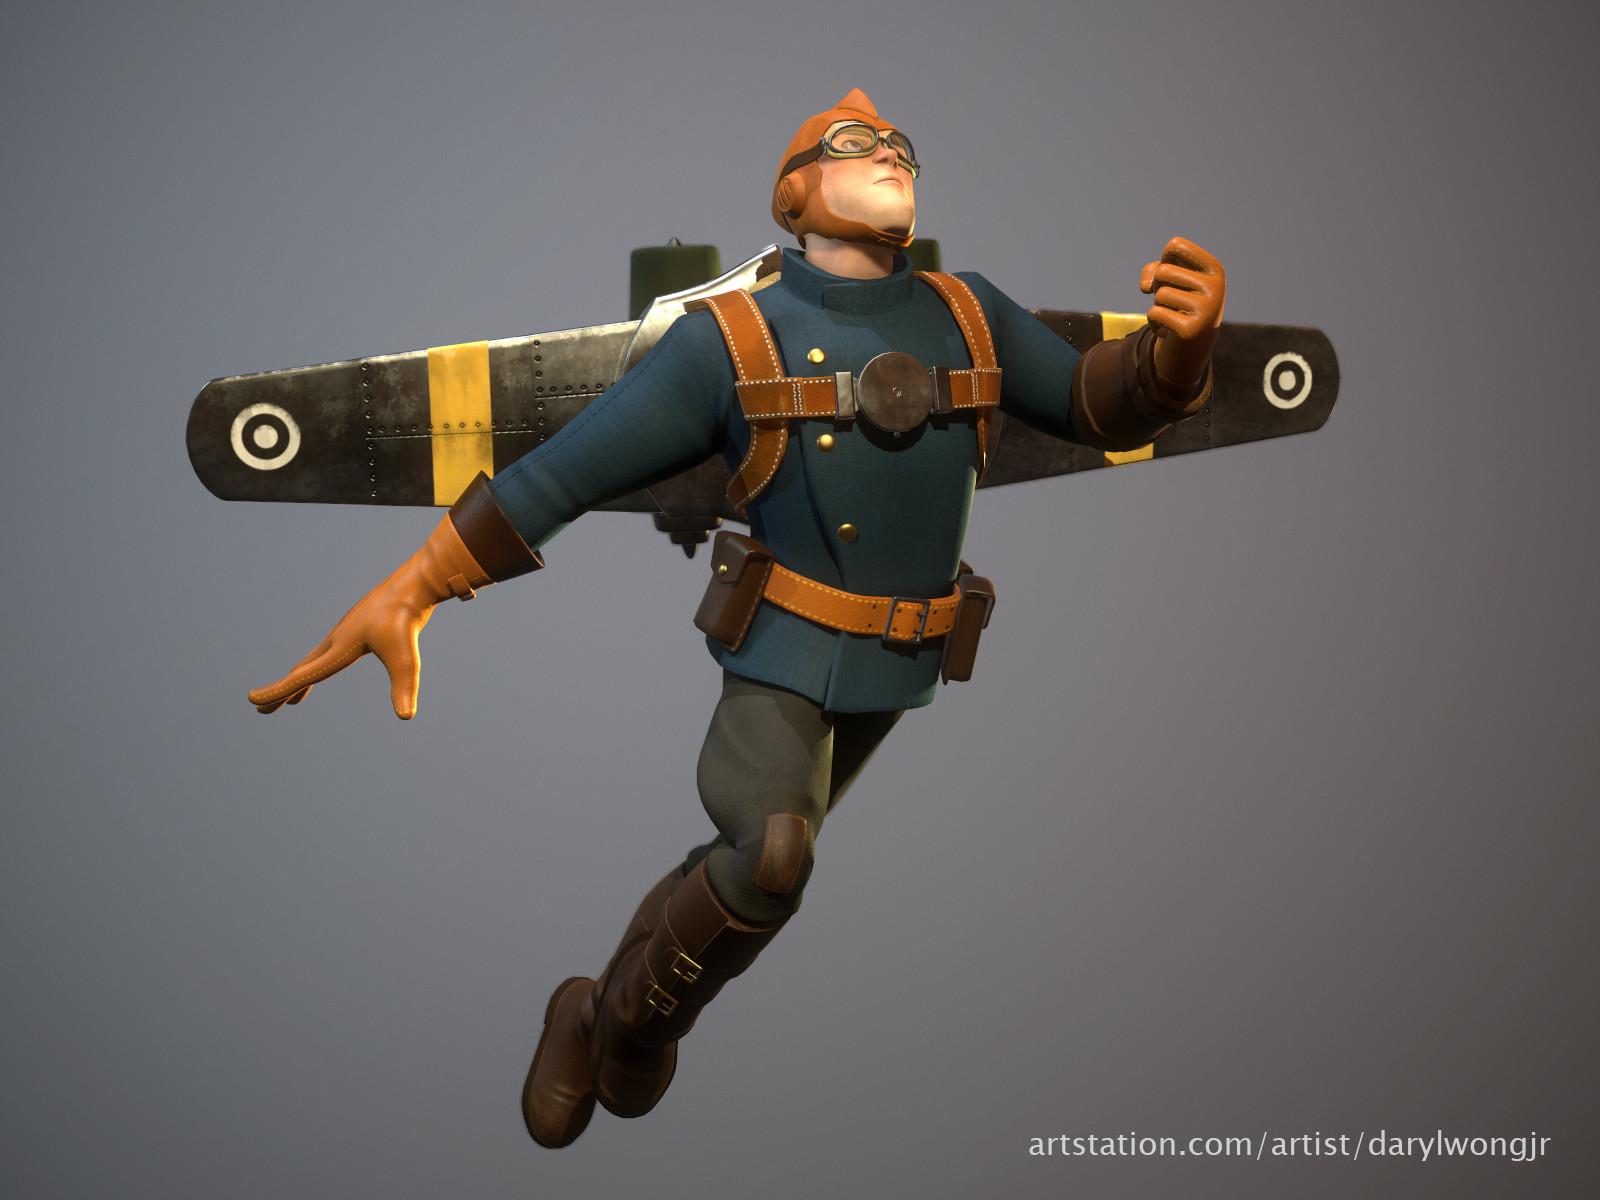 daryl-wong-dwjr-aviator-2.jpg?1481028894